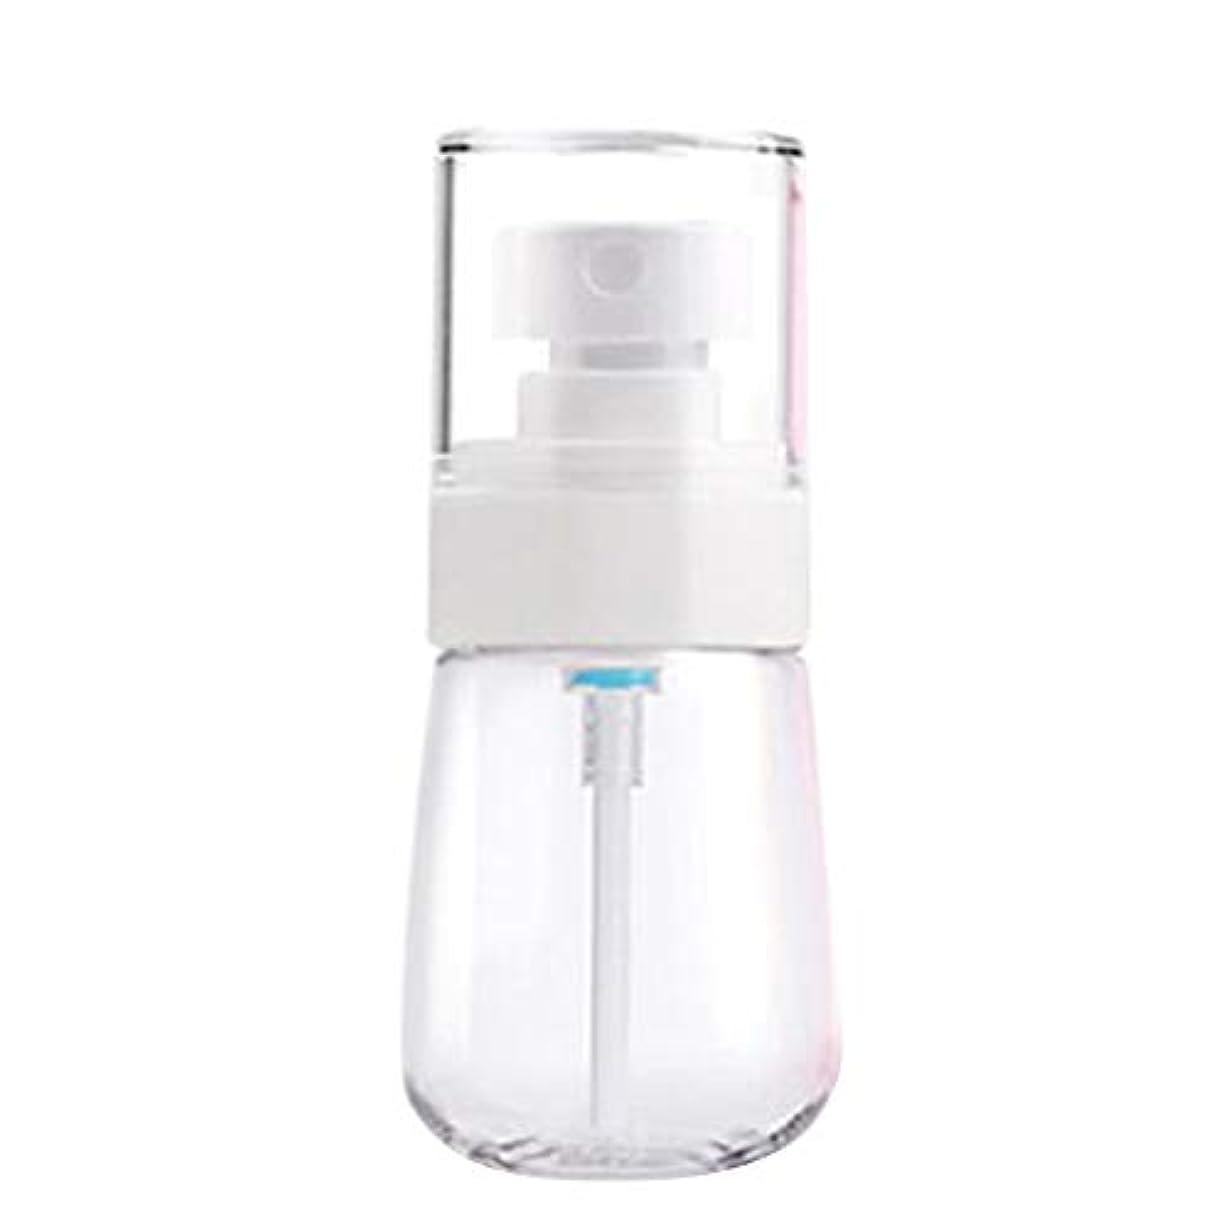 サンダーマルクス主義ジョブVi.yo 小分けボトル スプレーボトル トラベルボトル 化粧水 詰替用ボトル 携帯用 旅行 出張 80ml 透明